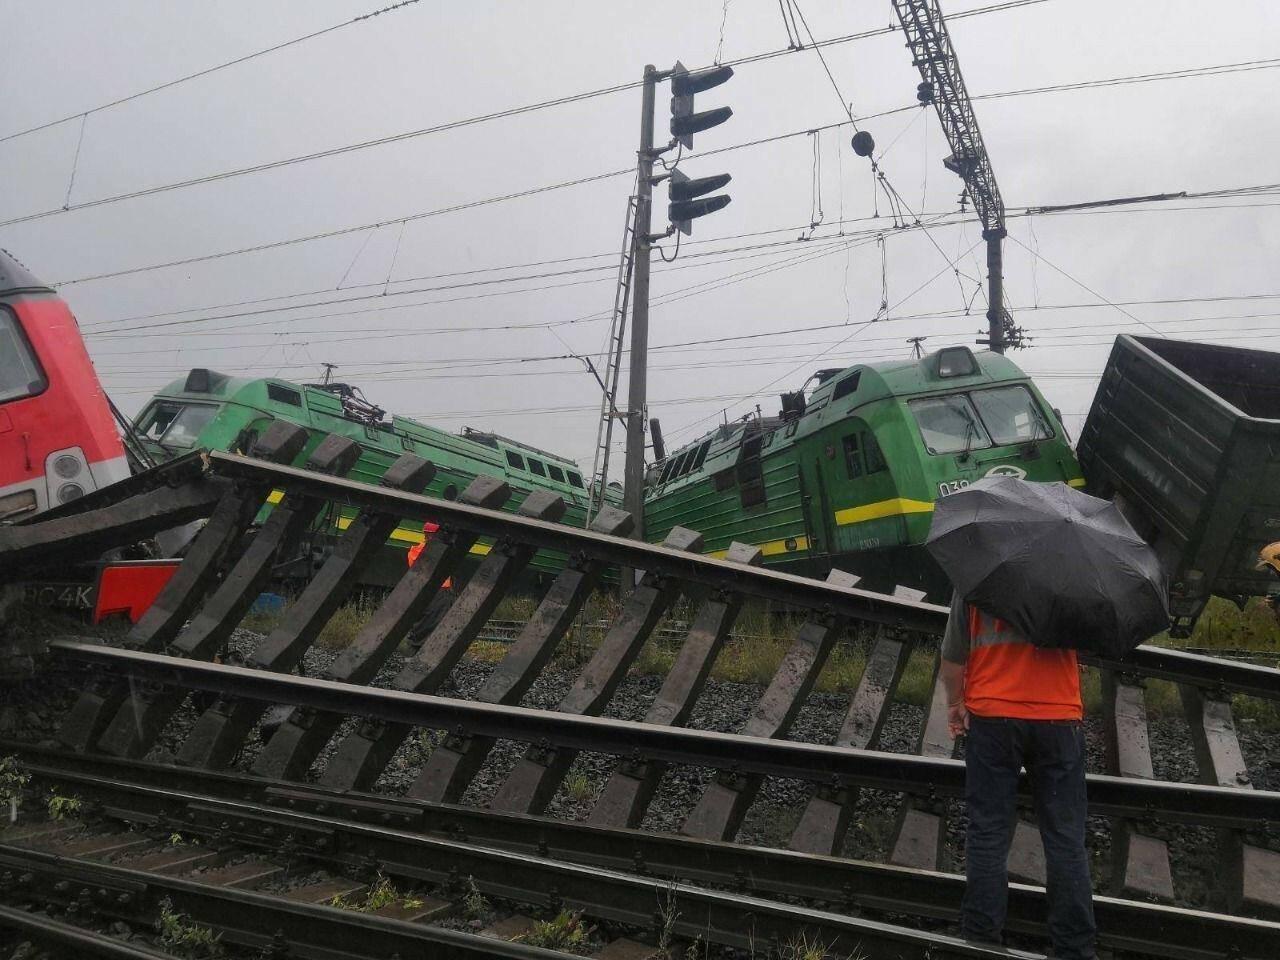 Инцидент произошел около 14:39 мск на ж/д станция грузовая Купчинская